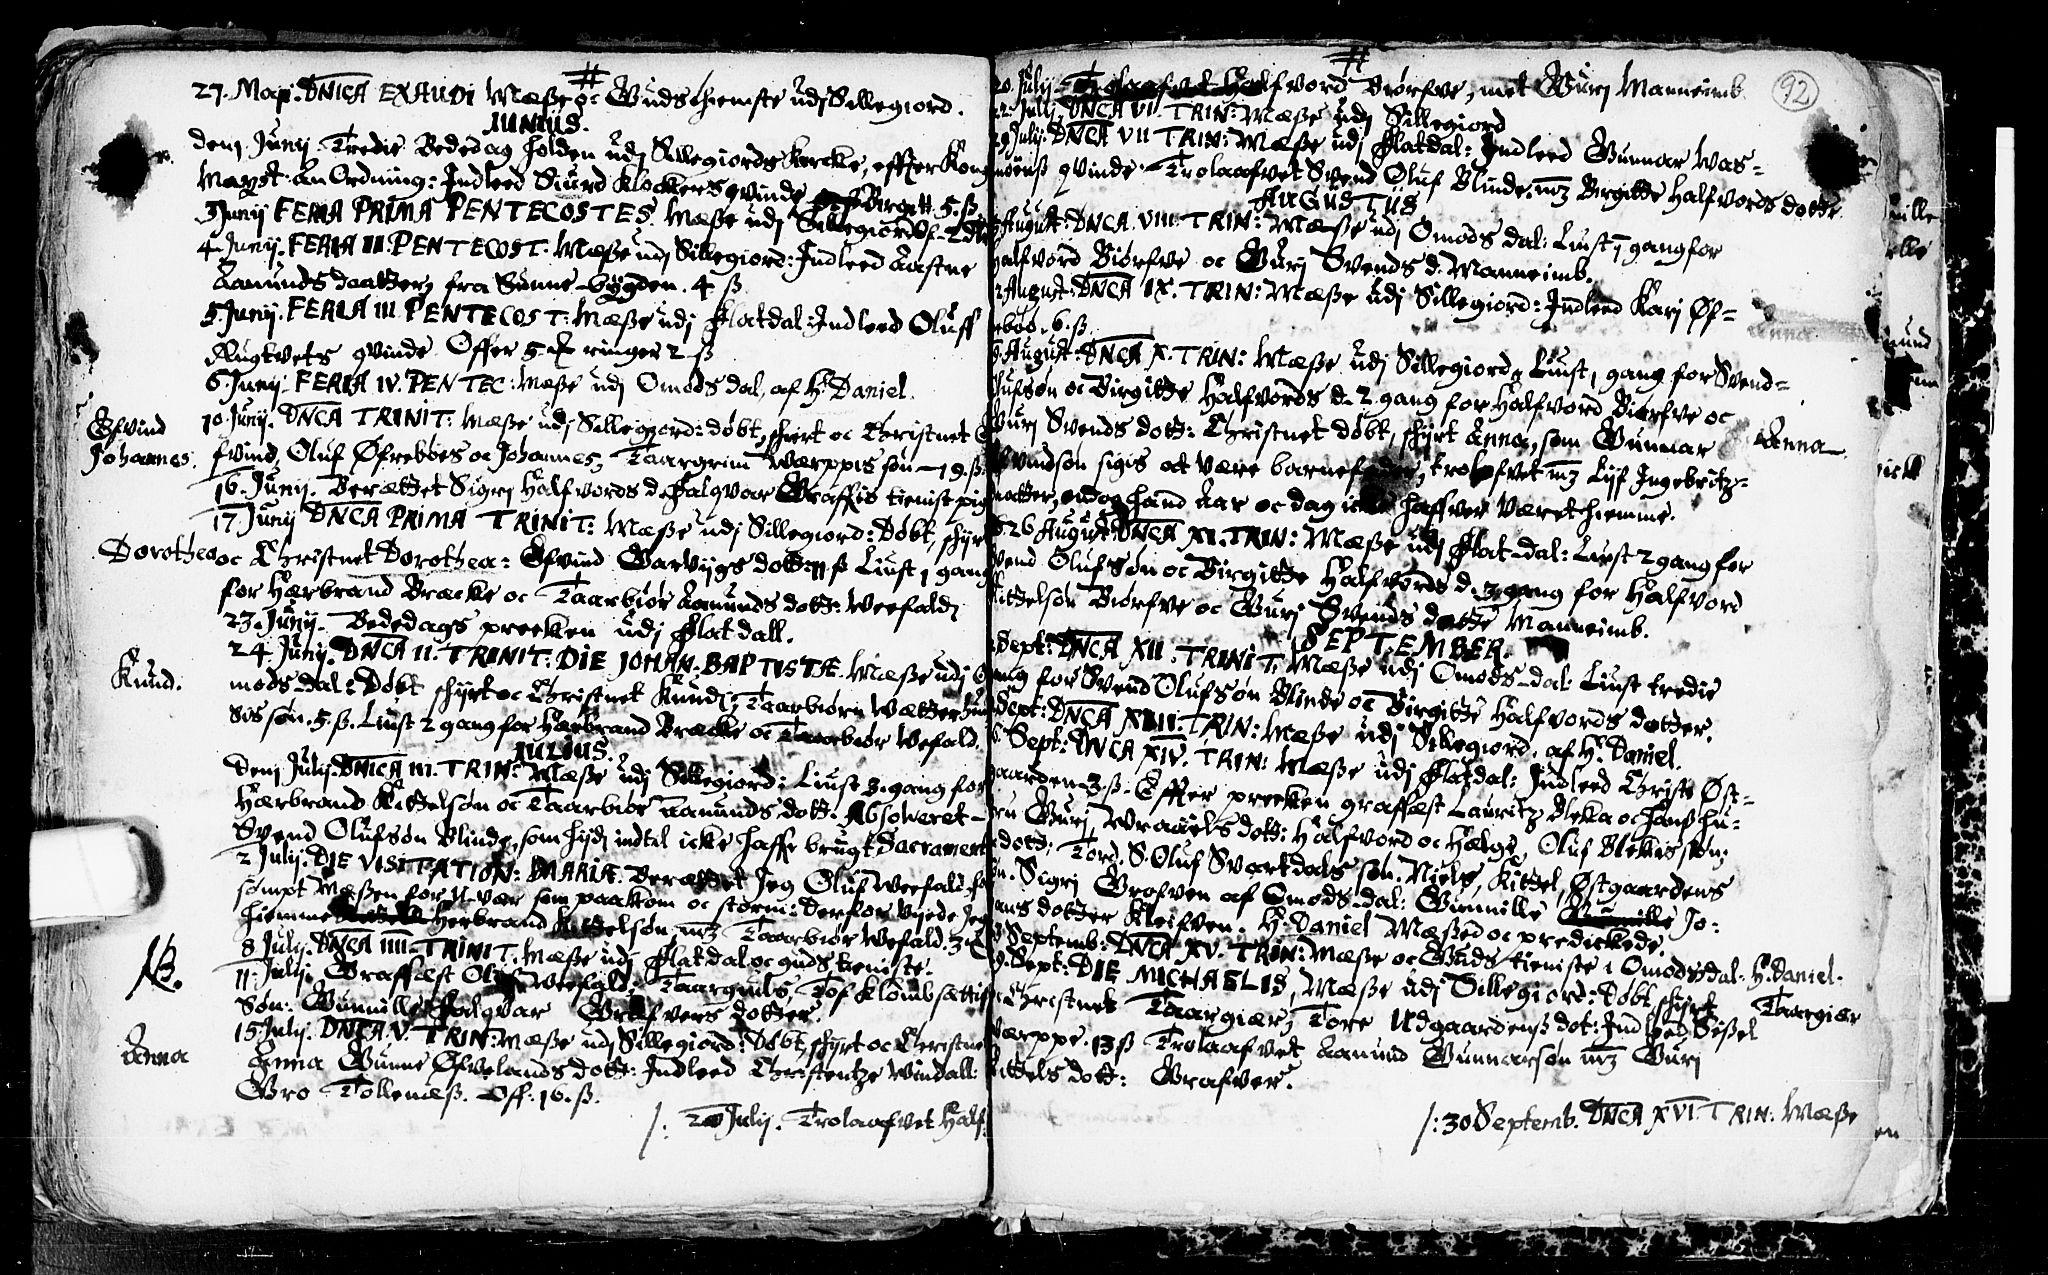 SAKO, Seljord kirkebøker, F/Fa/L0001: Ministerialbok nr. I 1, 1654-1686, s. 92